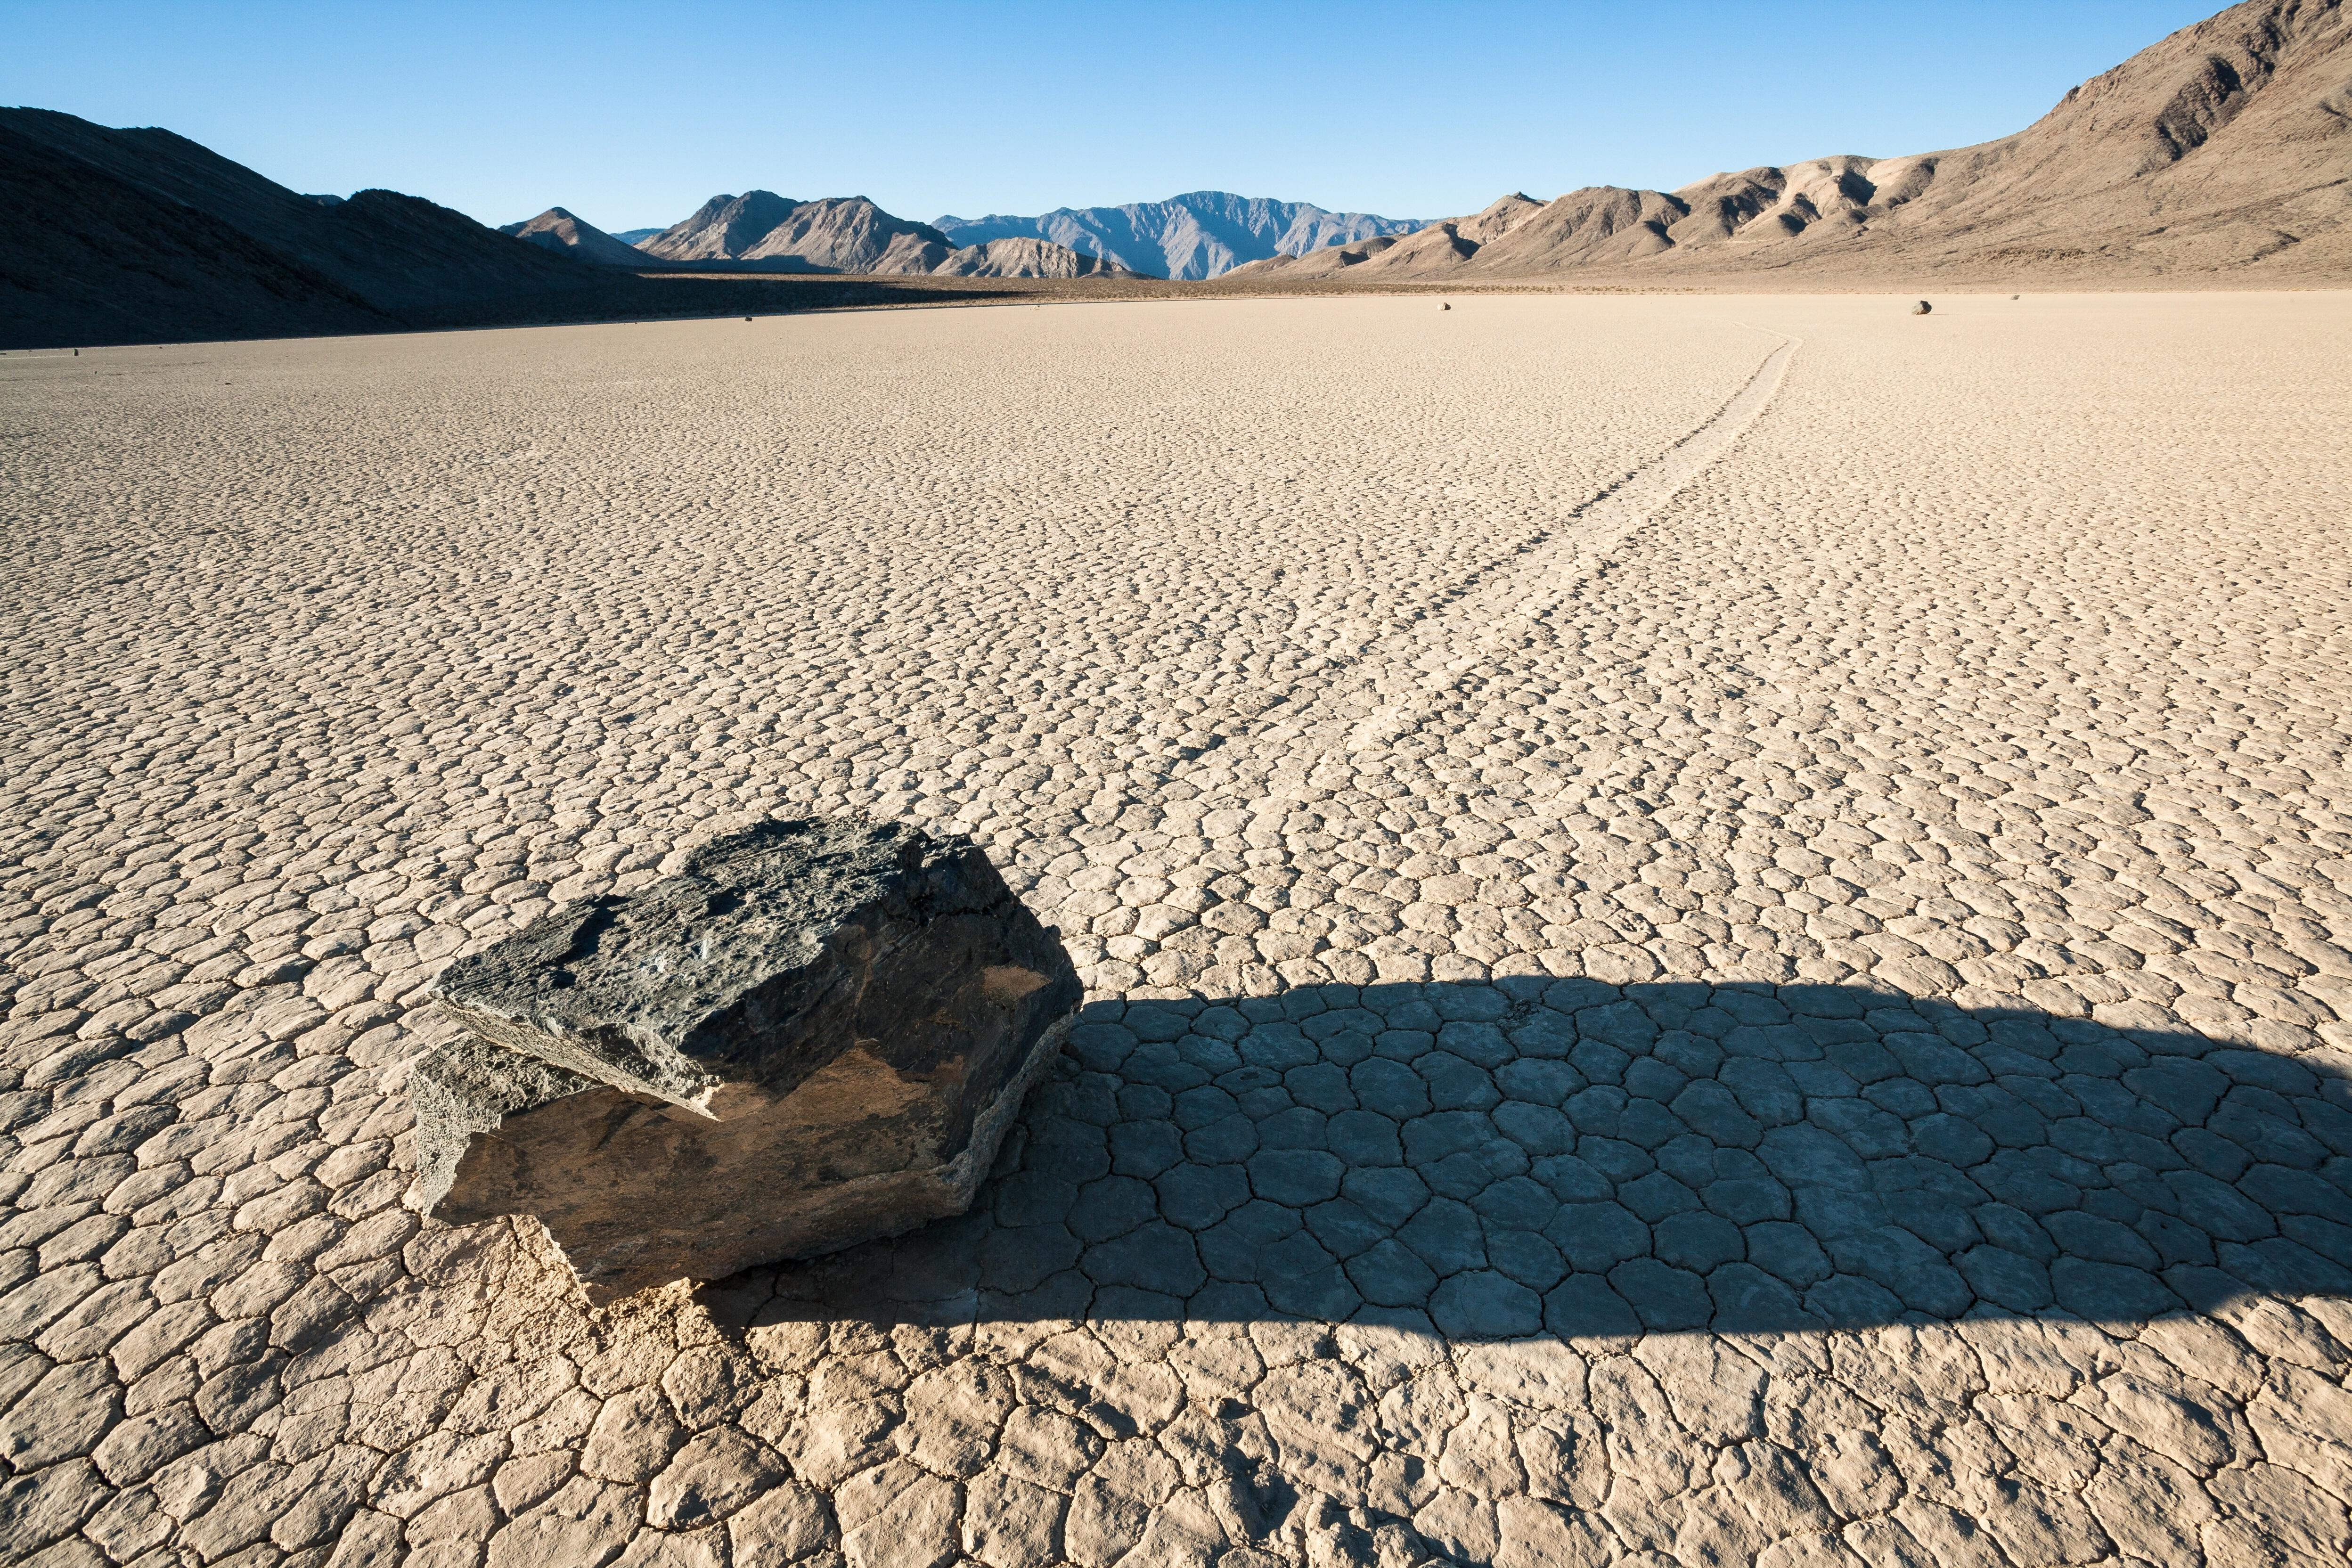 Знаменитая на весь мир американская Долина смерти, которая вся испещрена следами от камней. Фото: shutterstock